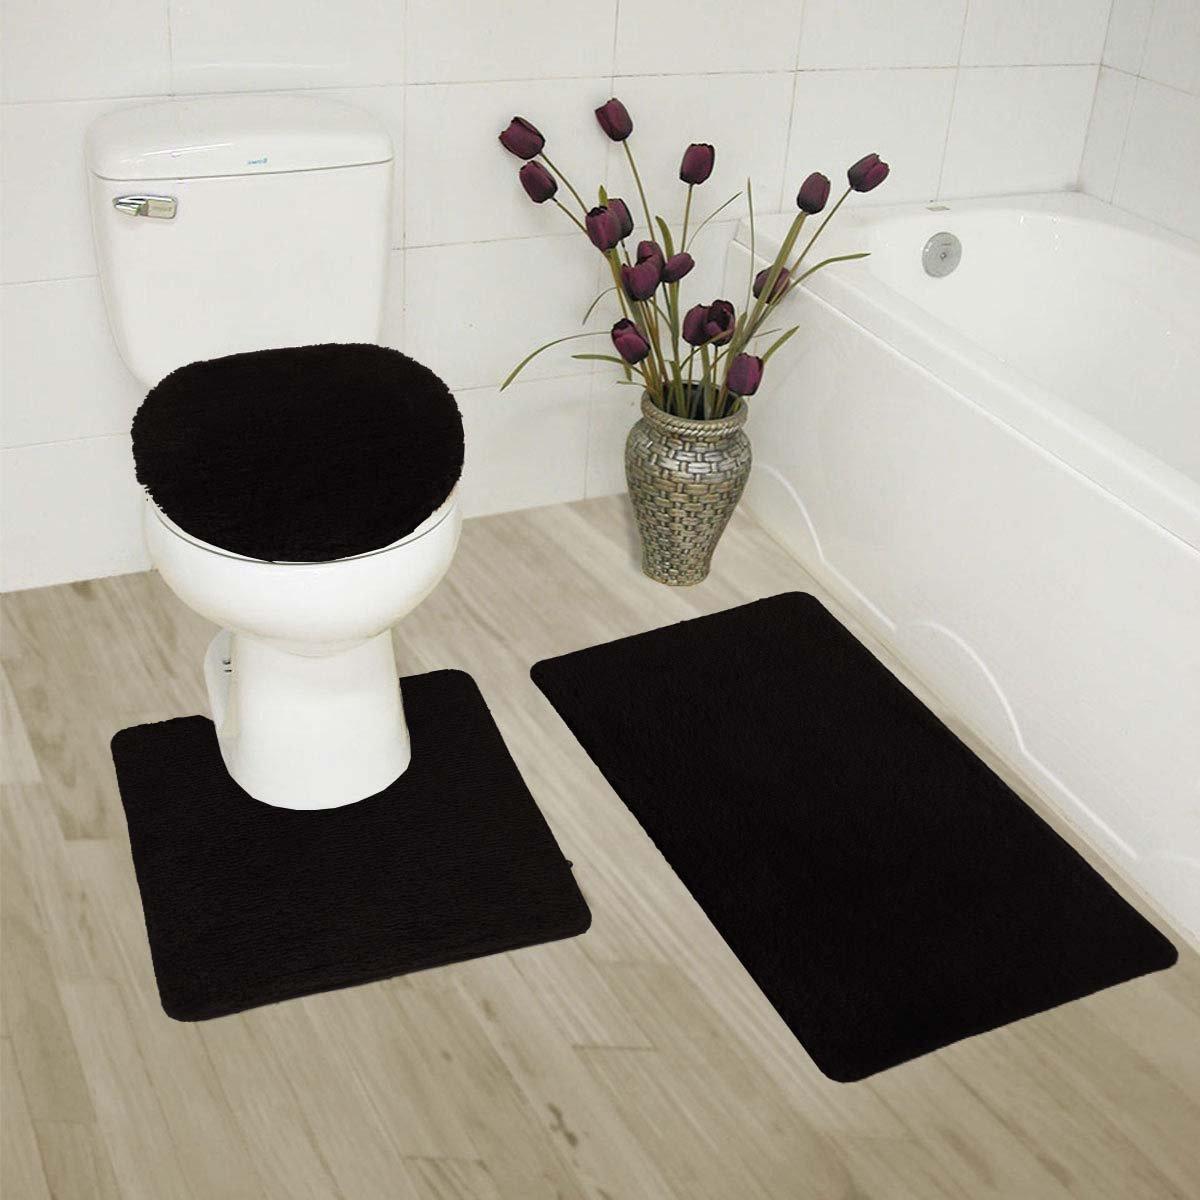 Fancy Linen 3pc Black Non-Slip Bath Mat Set Bathroom U-Shaped Contour Rug, Mat and Toilet Lid Cover New